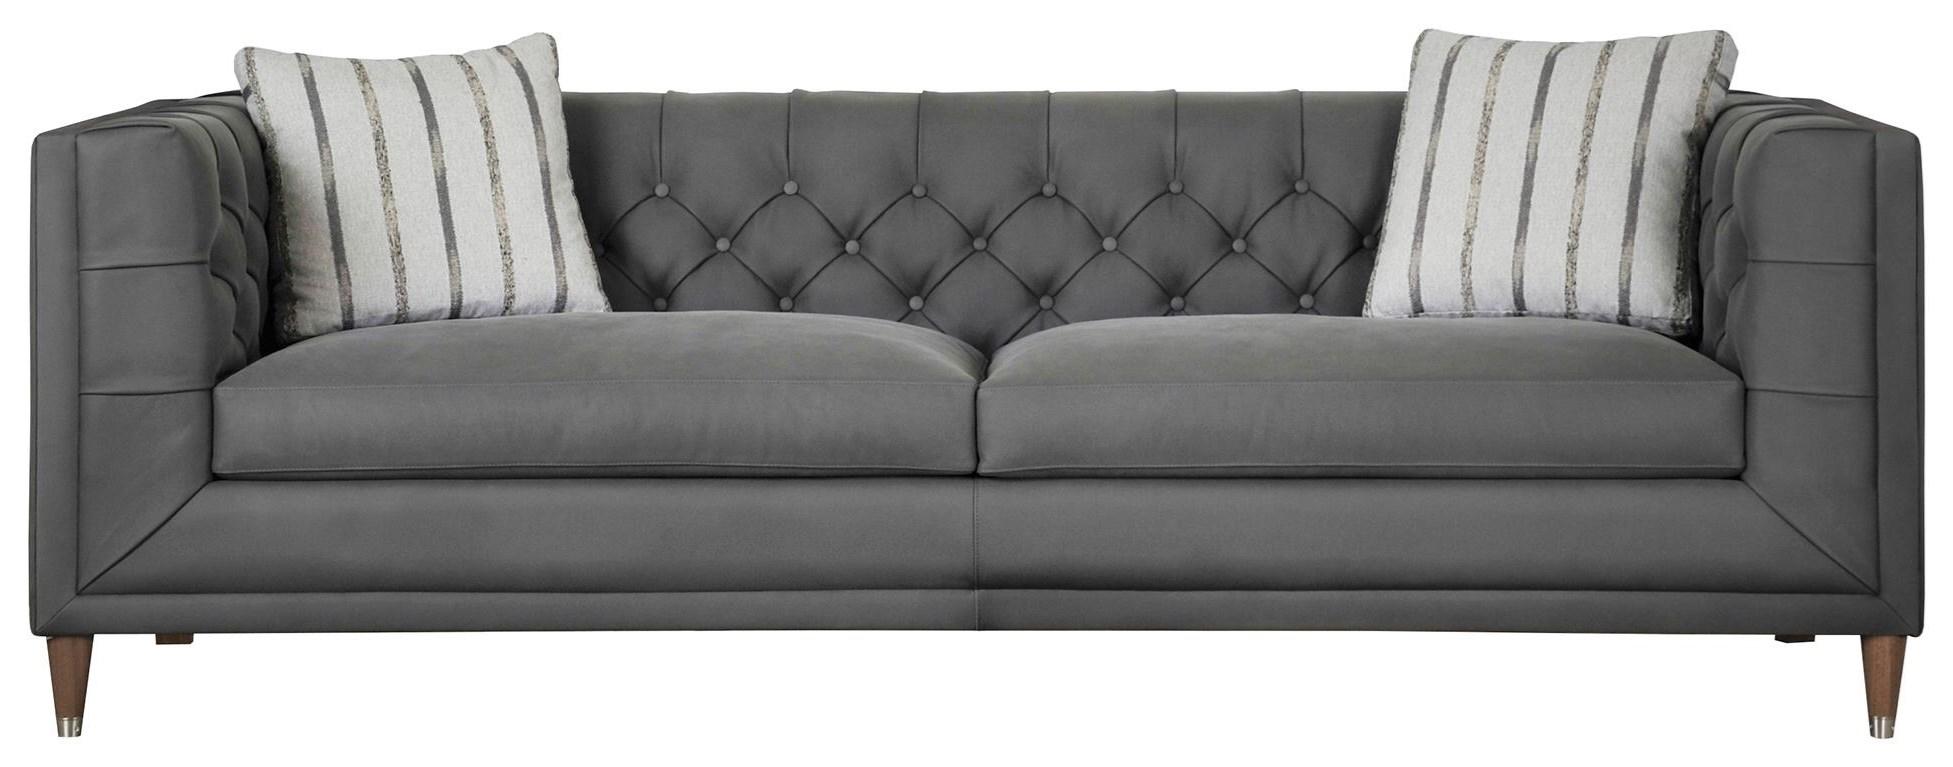 Sofa at Williams & Kay